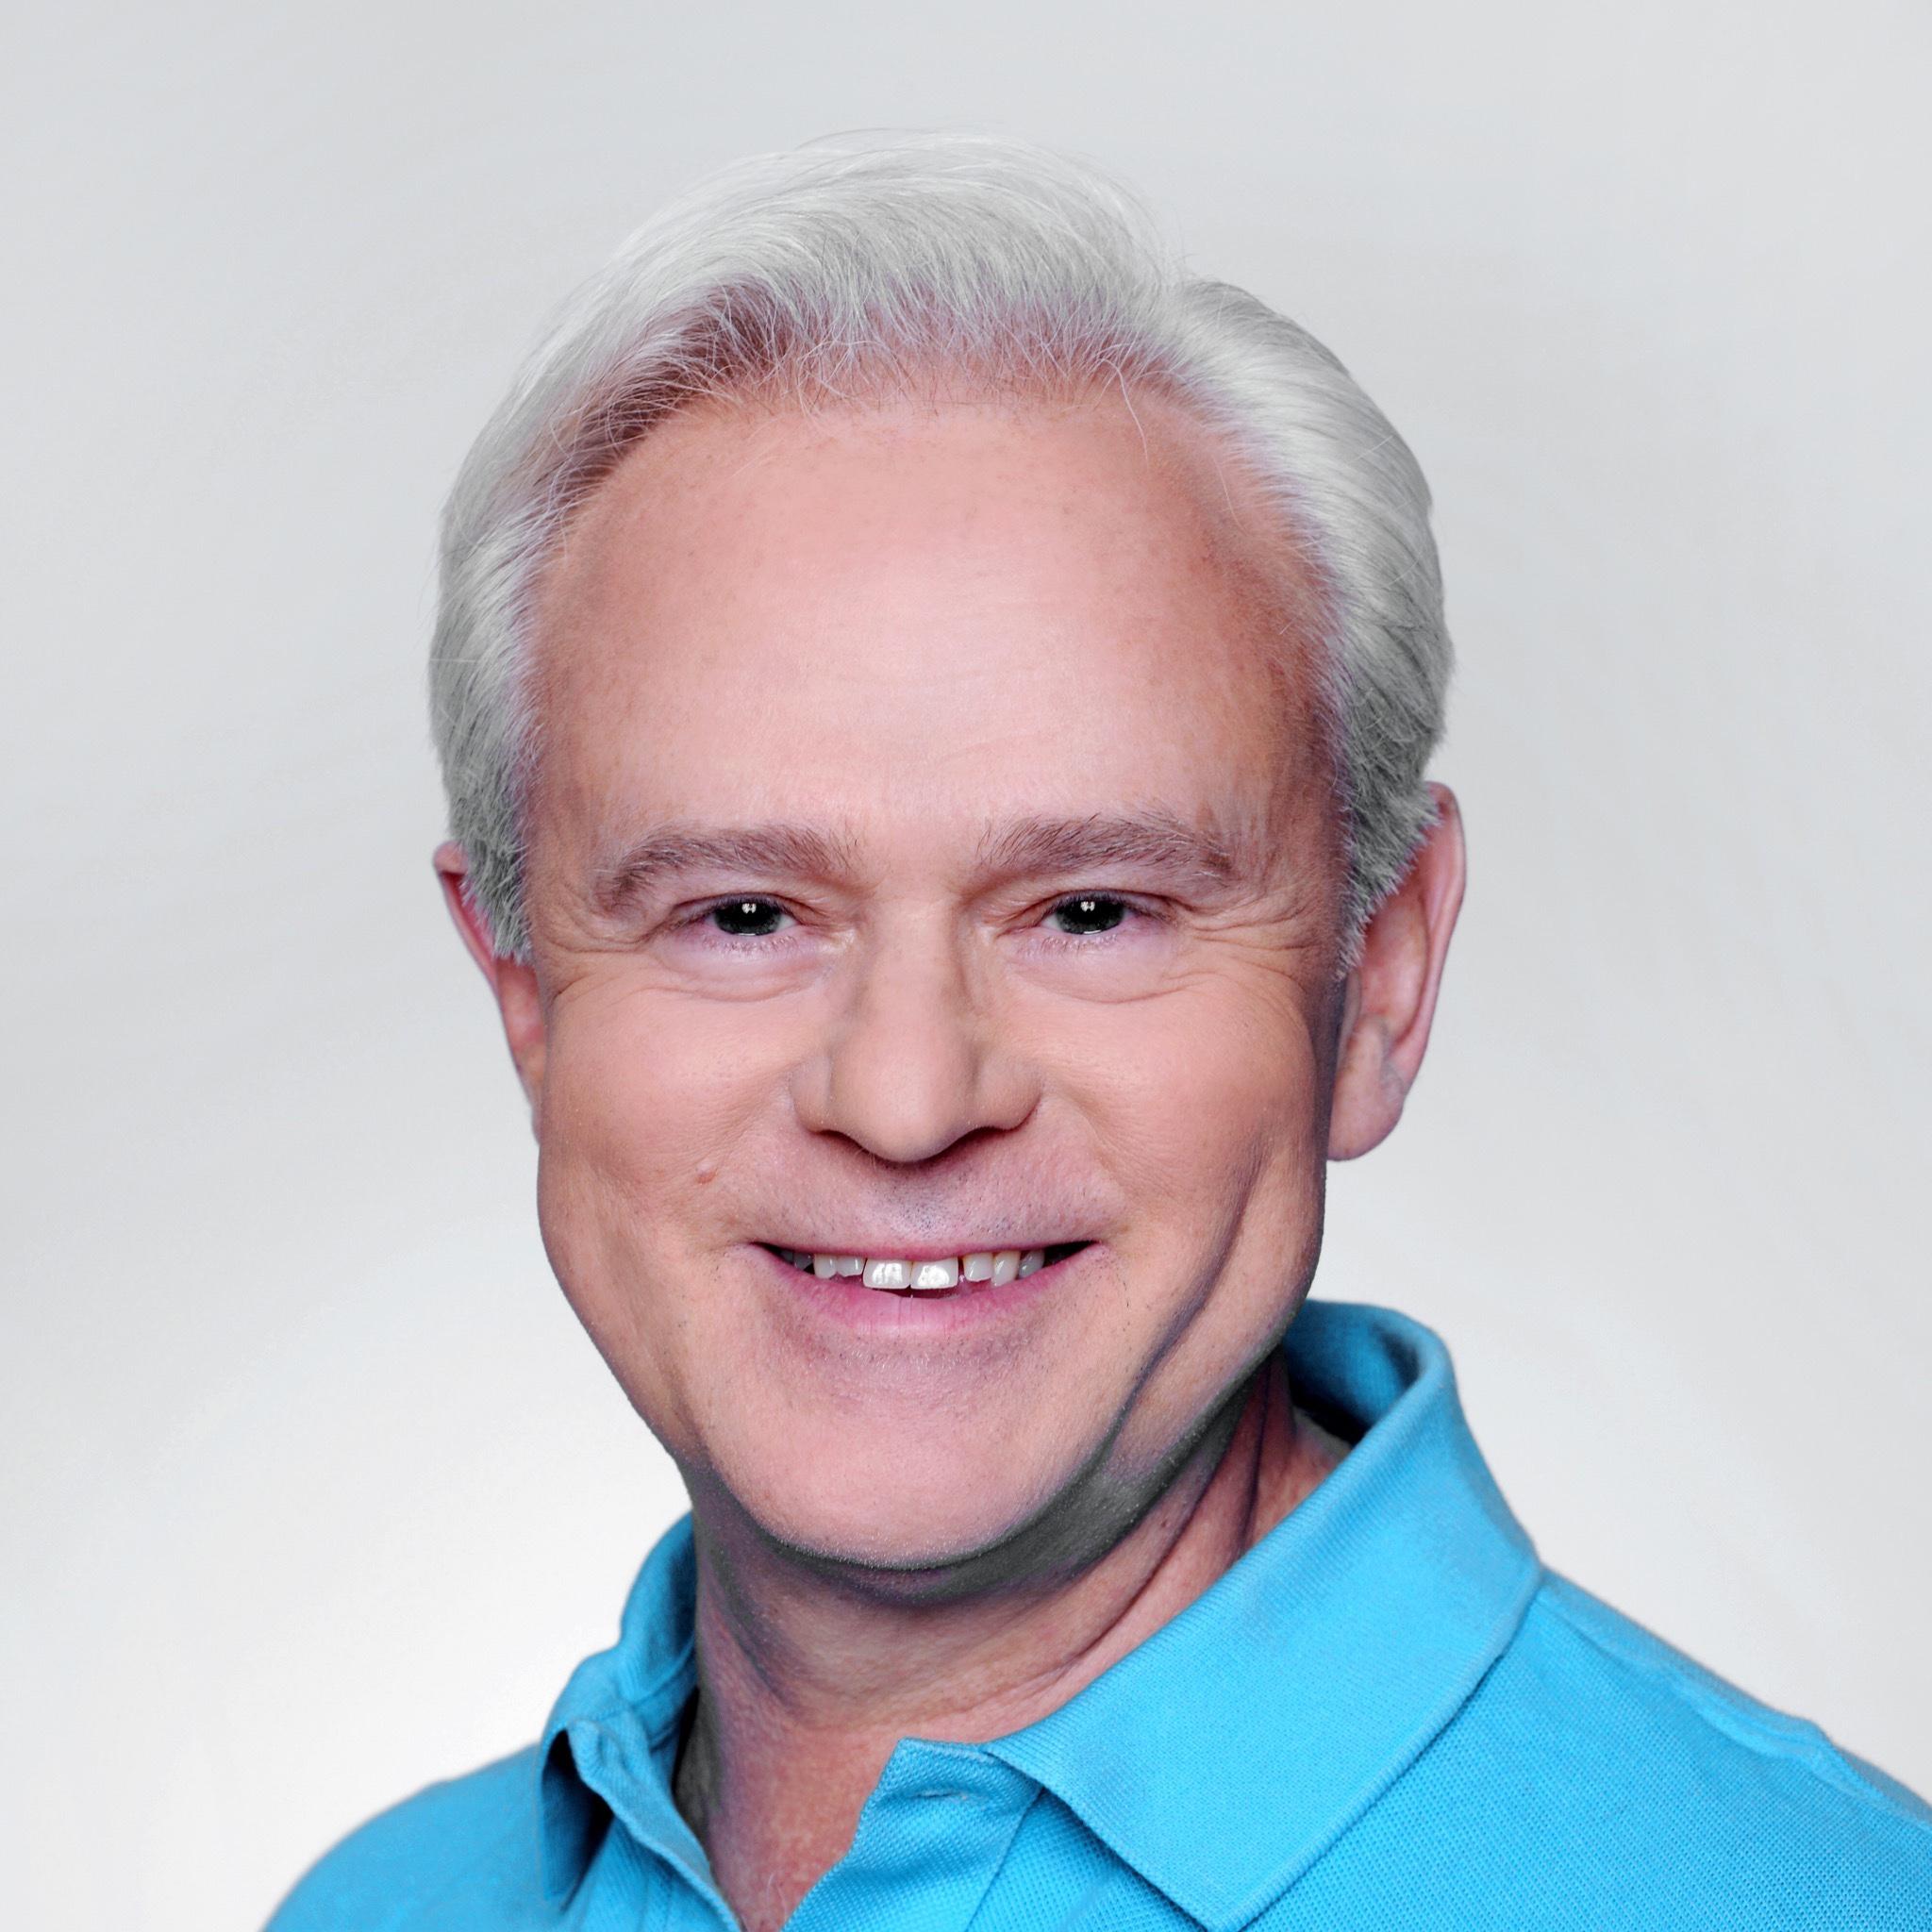 Dr. Wolfgang Jan